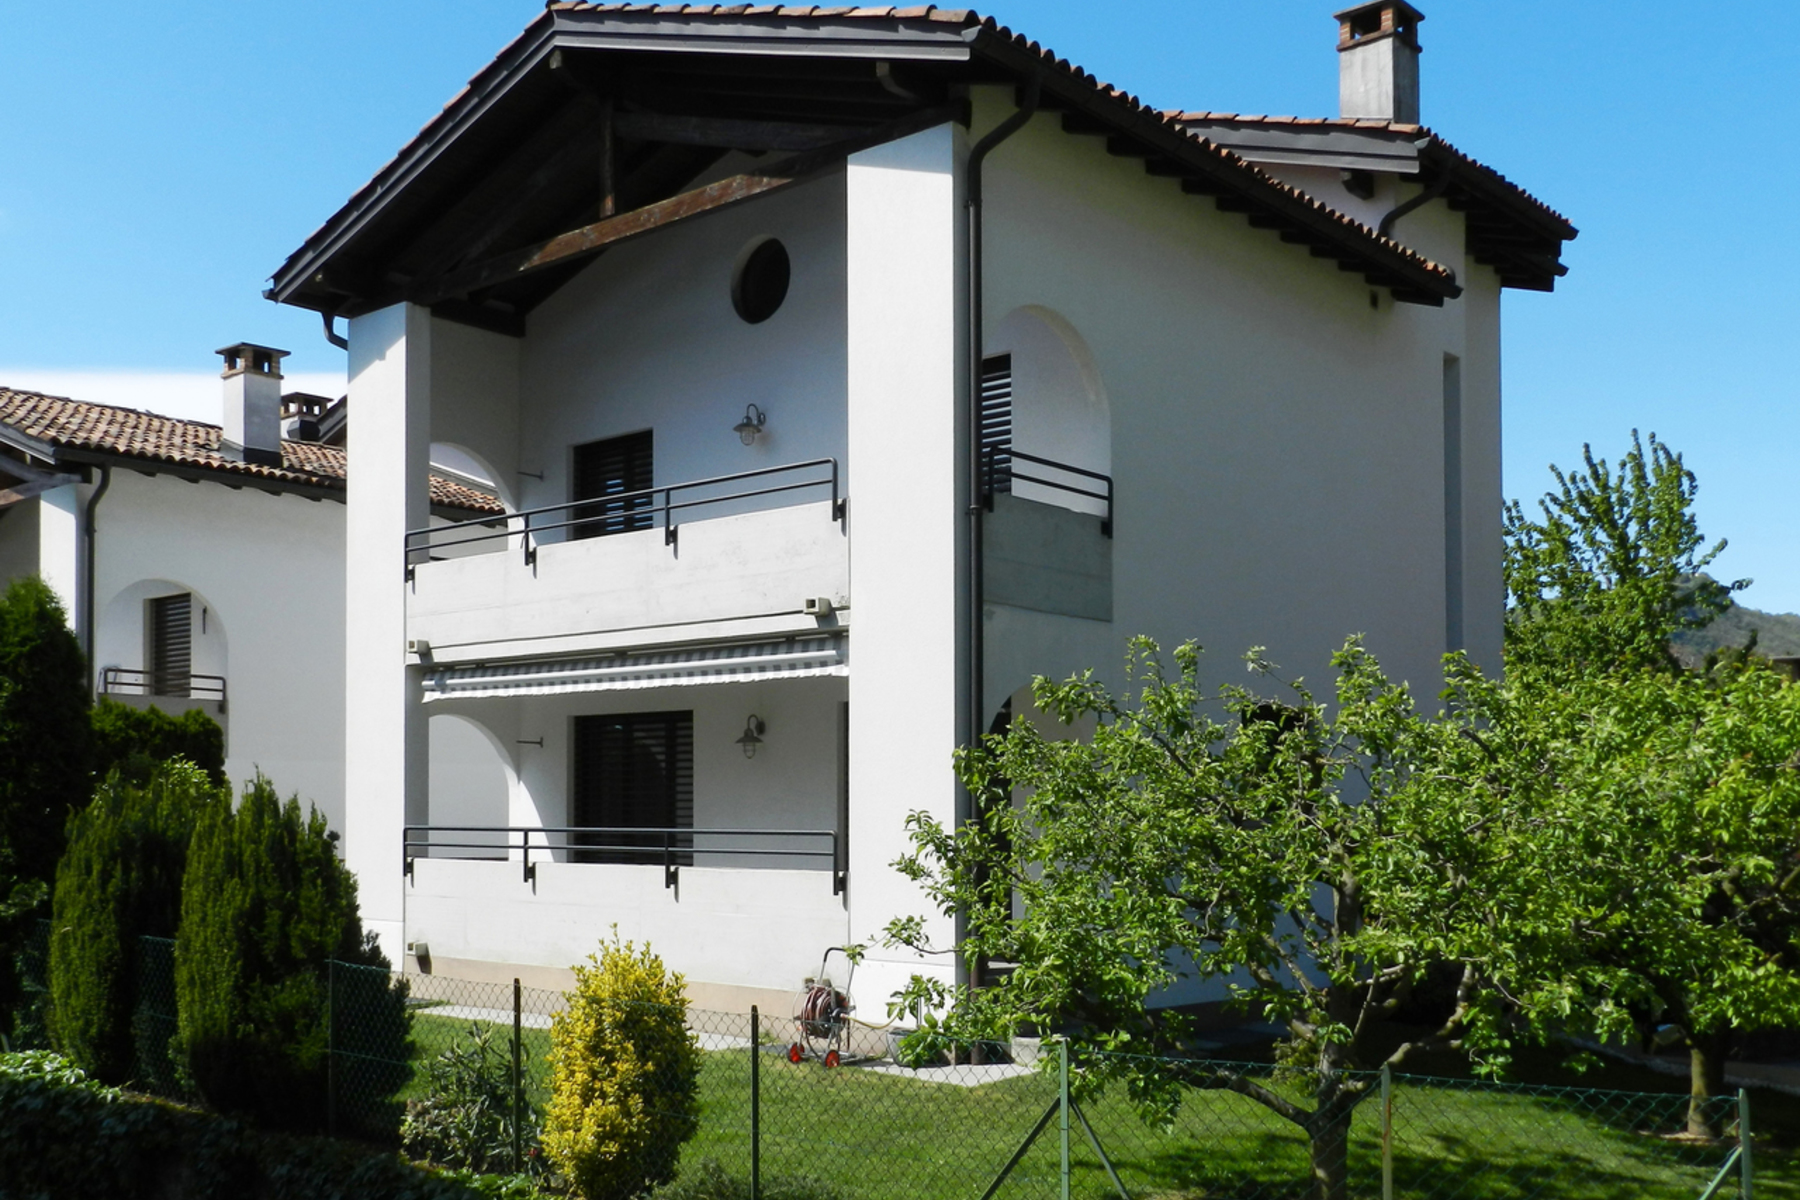 Maison unifamiliale pour l à vendre à House in quiet and strategic location Lugano-Pregassona, Lugano, Ticino, 6900 Suisse